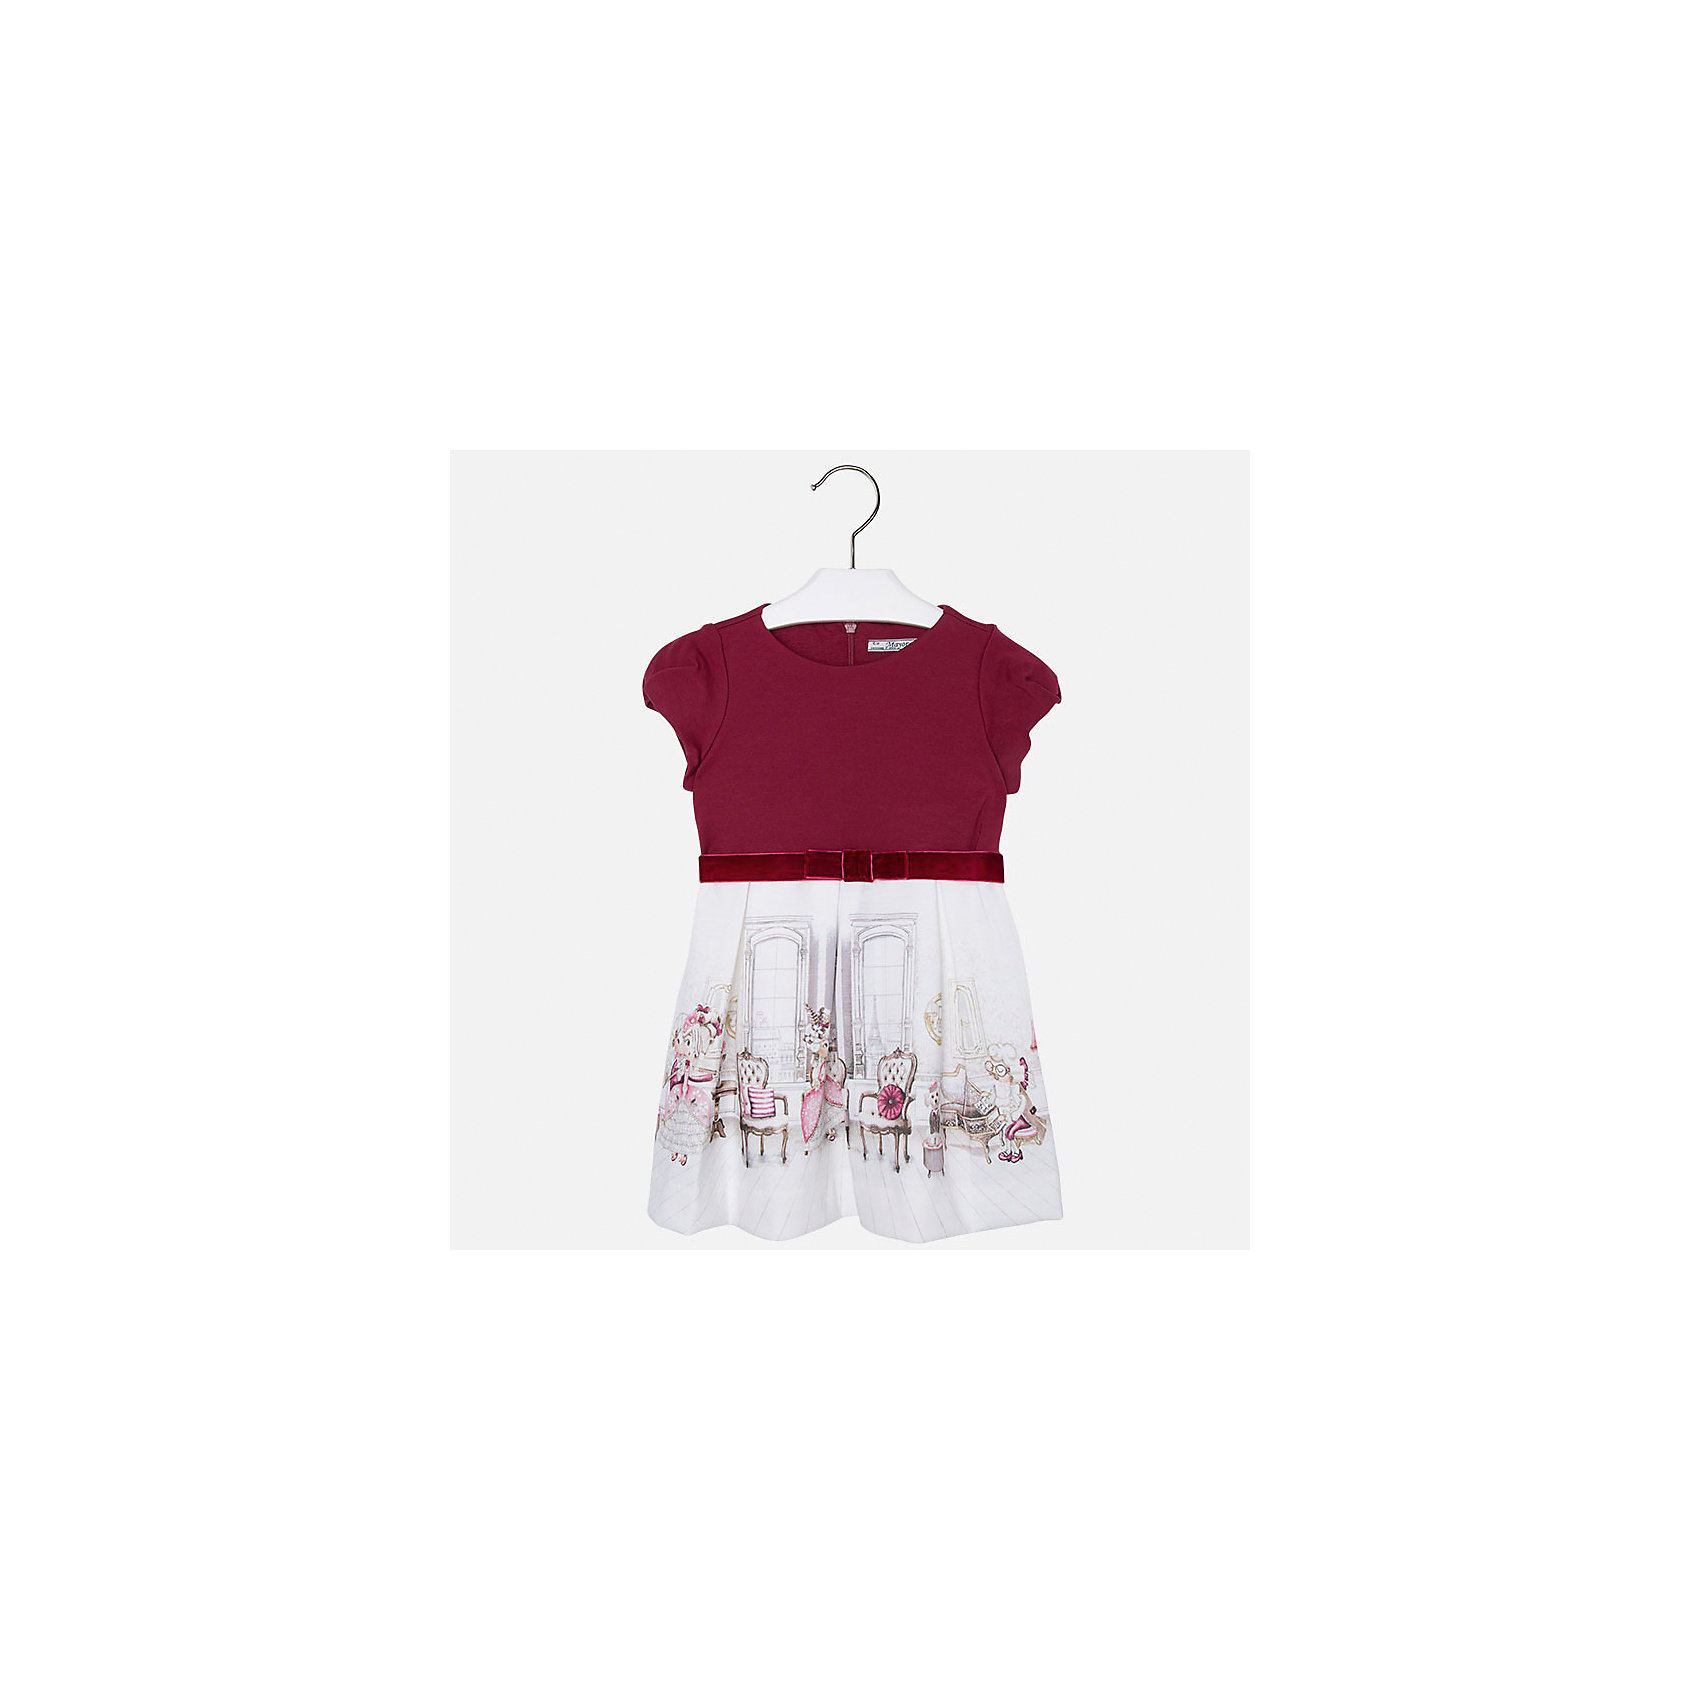 Mayoral Платье для девочки Mayoral купить в интернет магазине платье плиссе